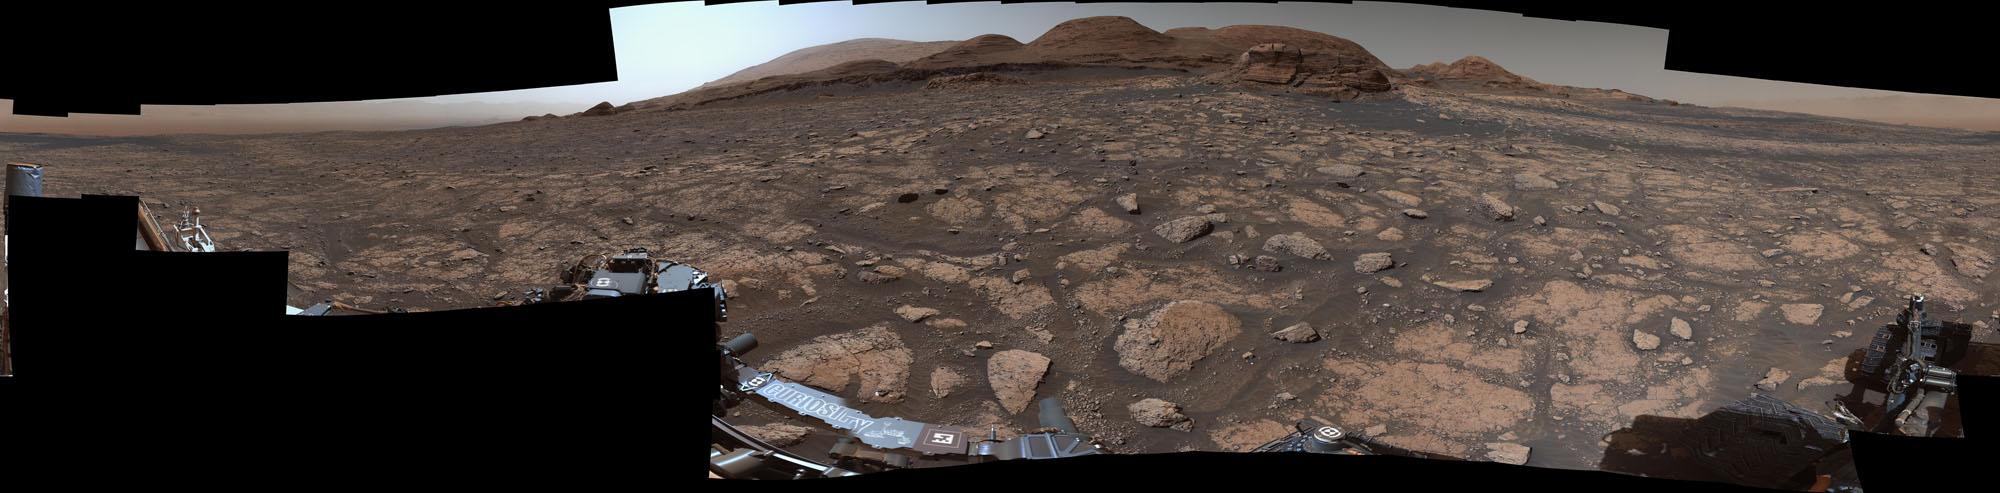 Le rover Curiosity Mars de la NASA a utilisé son instrument Mastcam pour prendre ce panorama à 360 degrés du Mont Mercou dans le contexte du mont Sharp le 3 mars 2021.